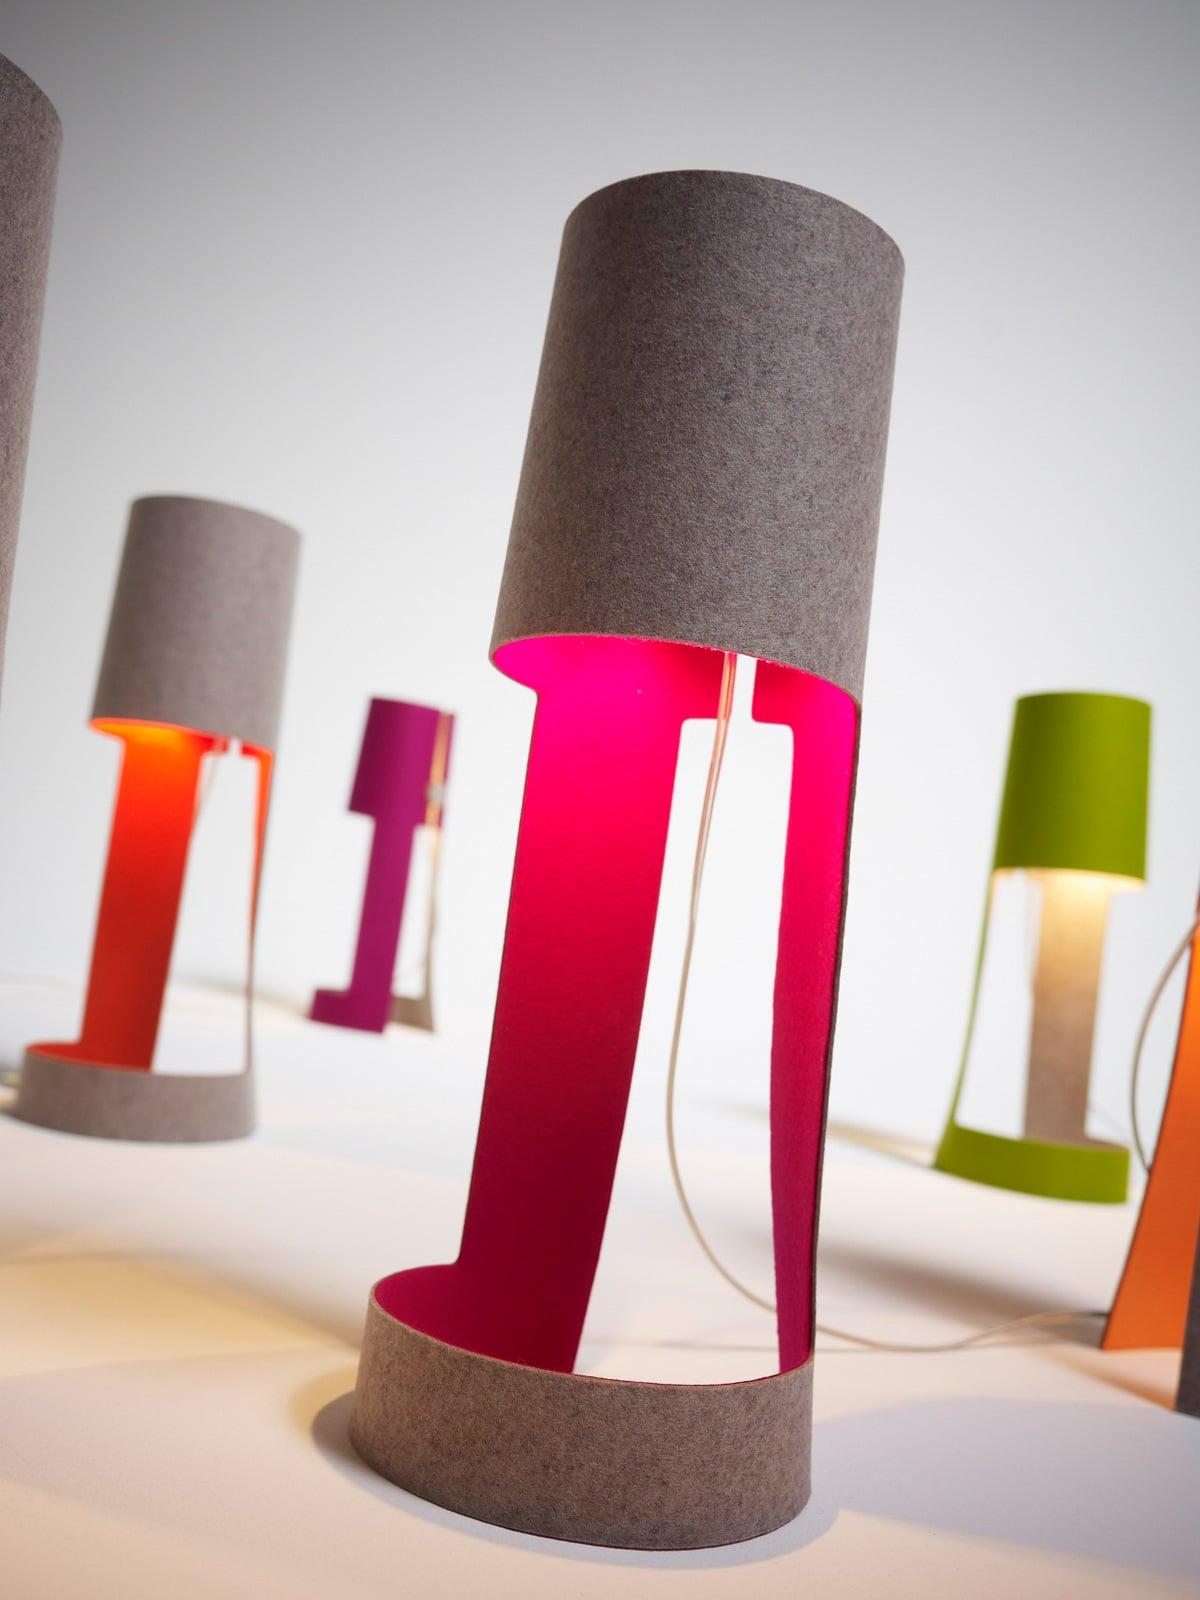 Designerleuchten von Domus Mia im Onlineshop DesignOrt